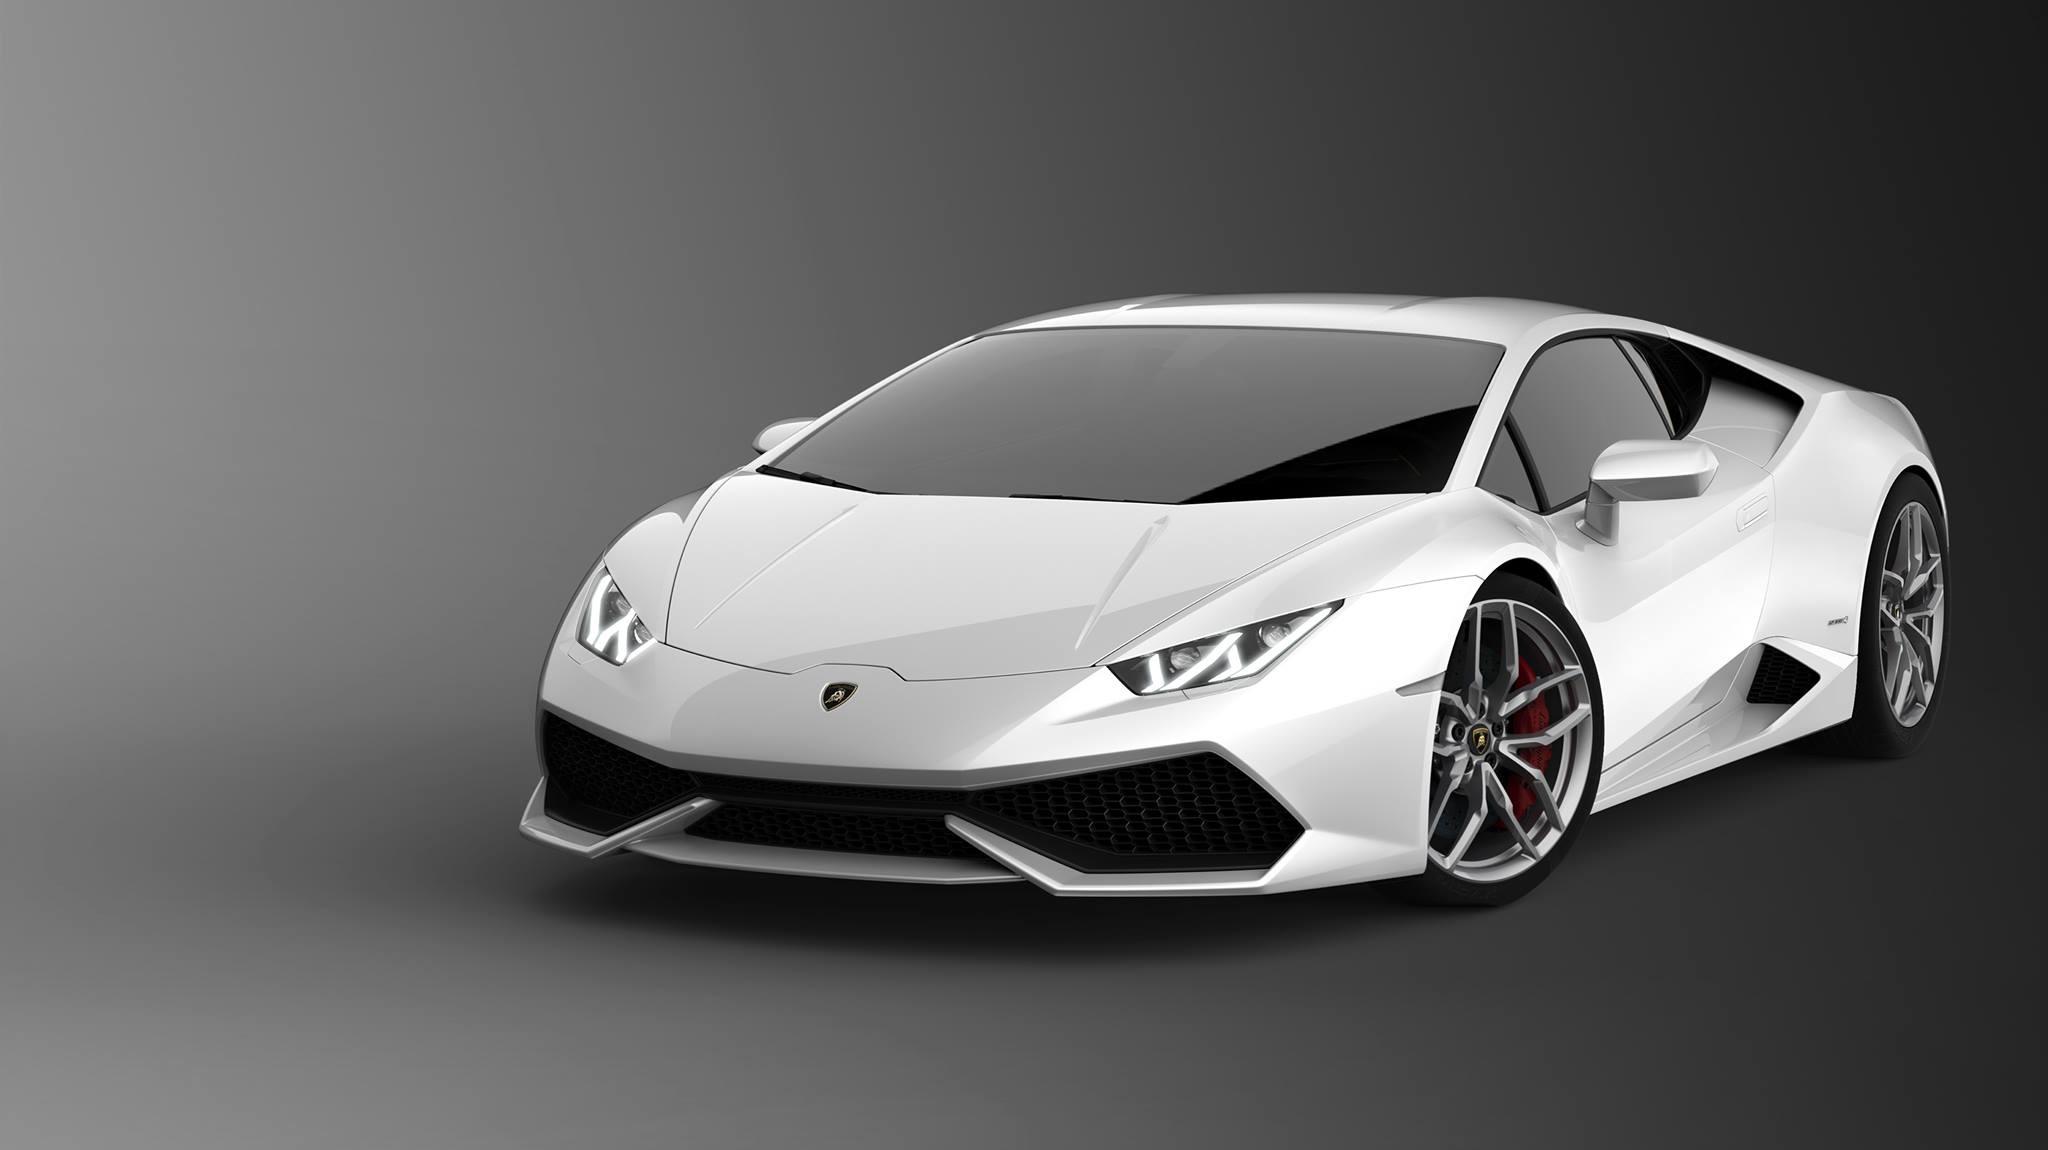 lamborghini huracan new car wallpaper image hd - Lamborghini Huracan Hd Wallpaper